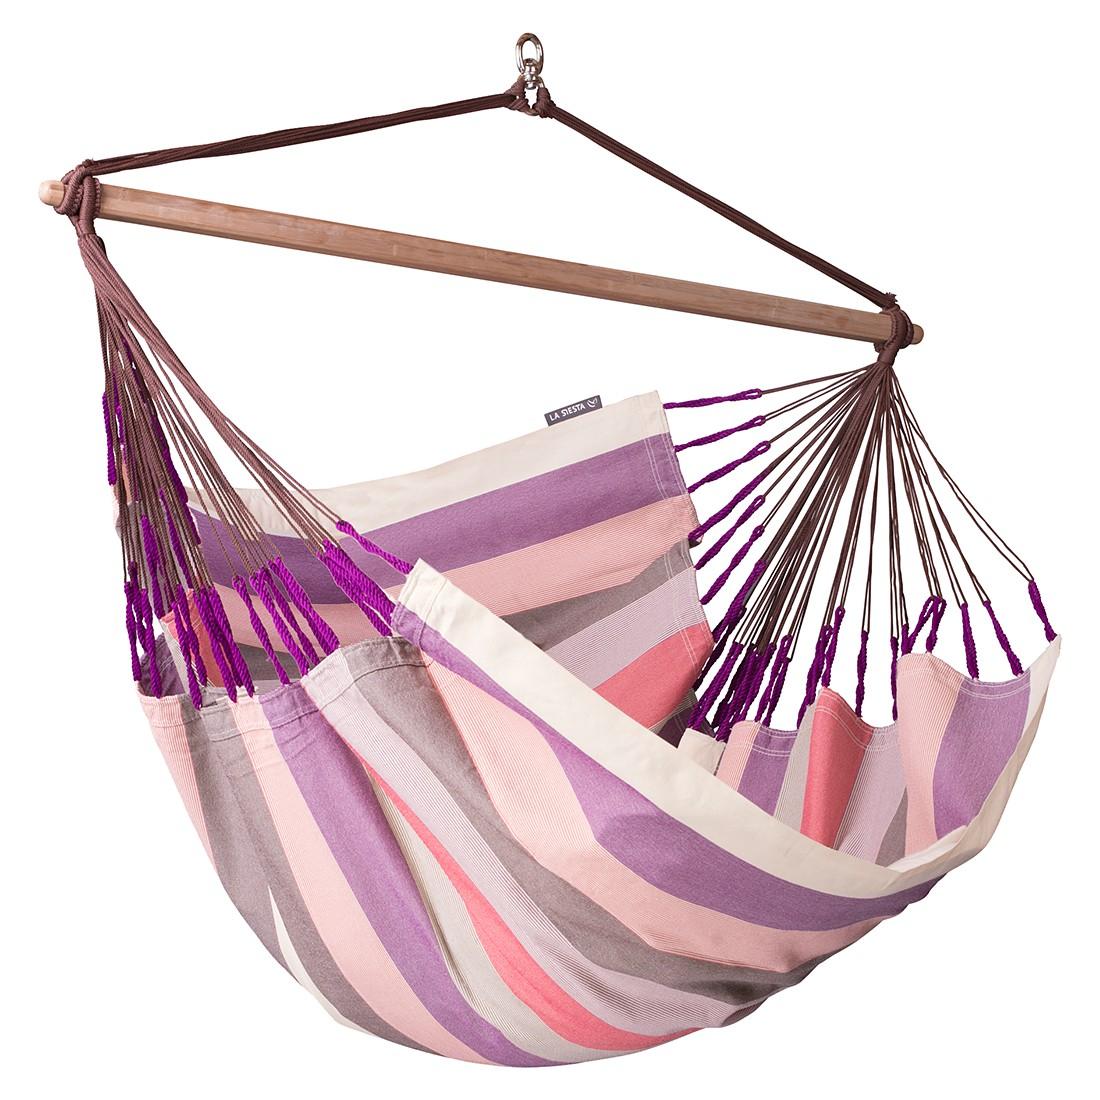 Hängestuhl Lounger Domingo - Violett/Beige/Pink, La Siesta